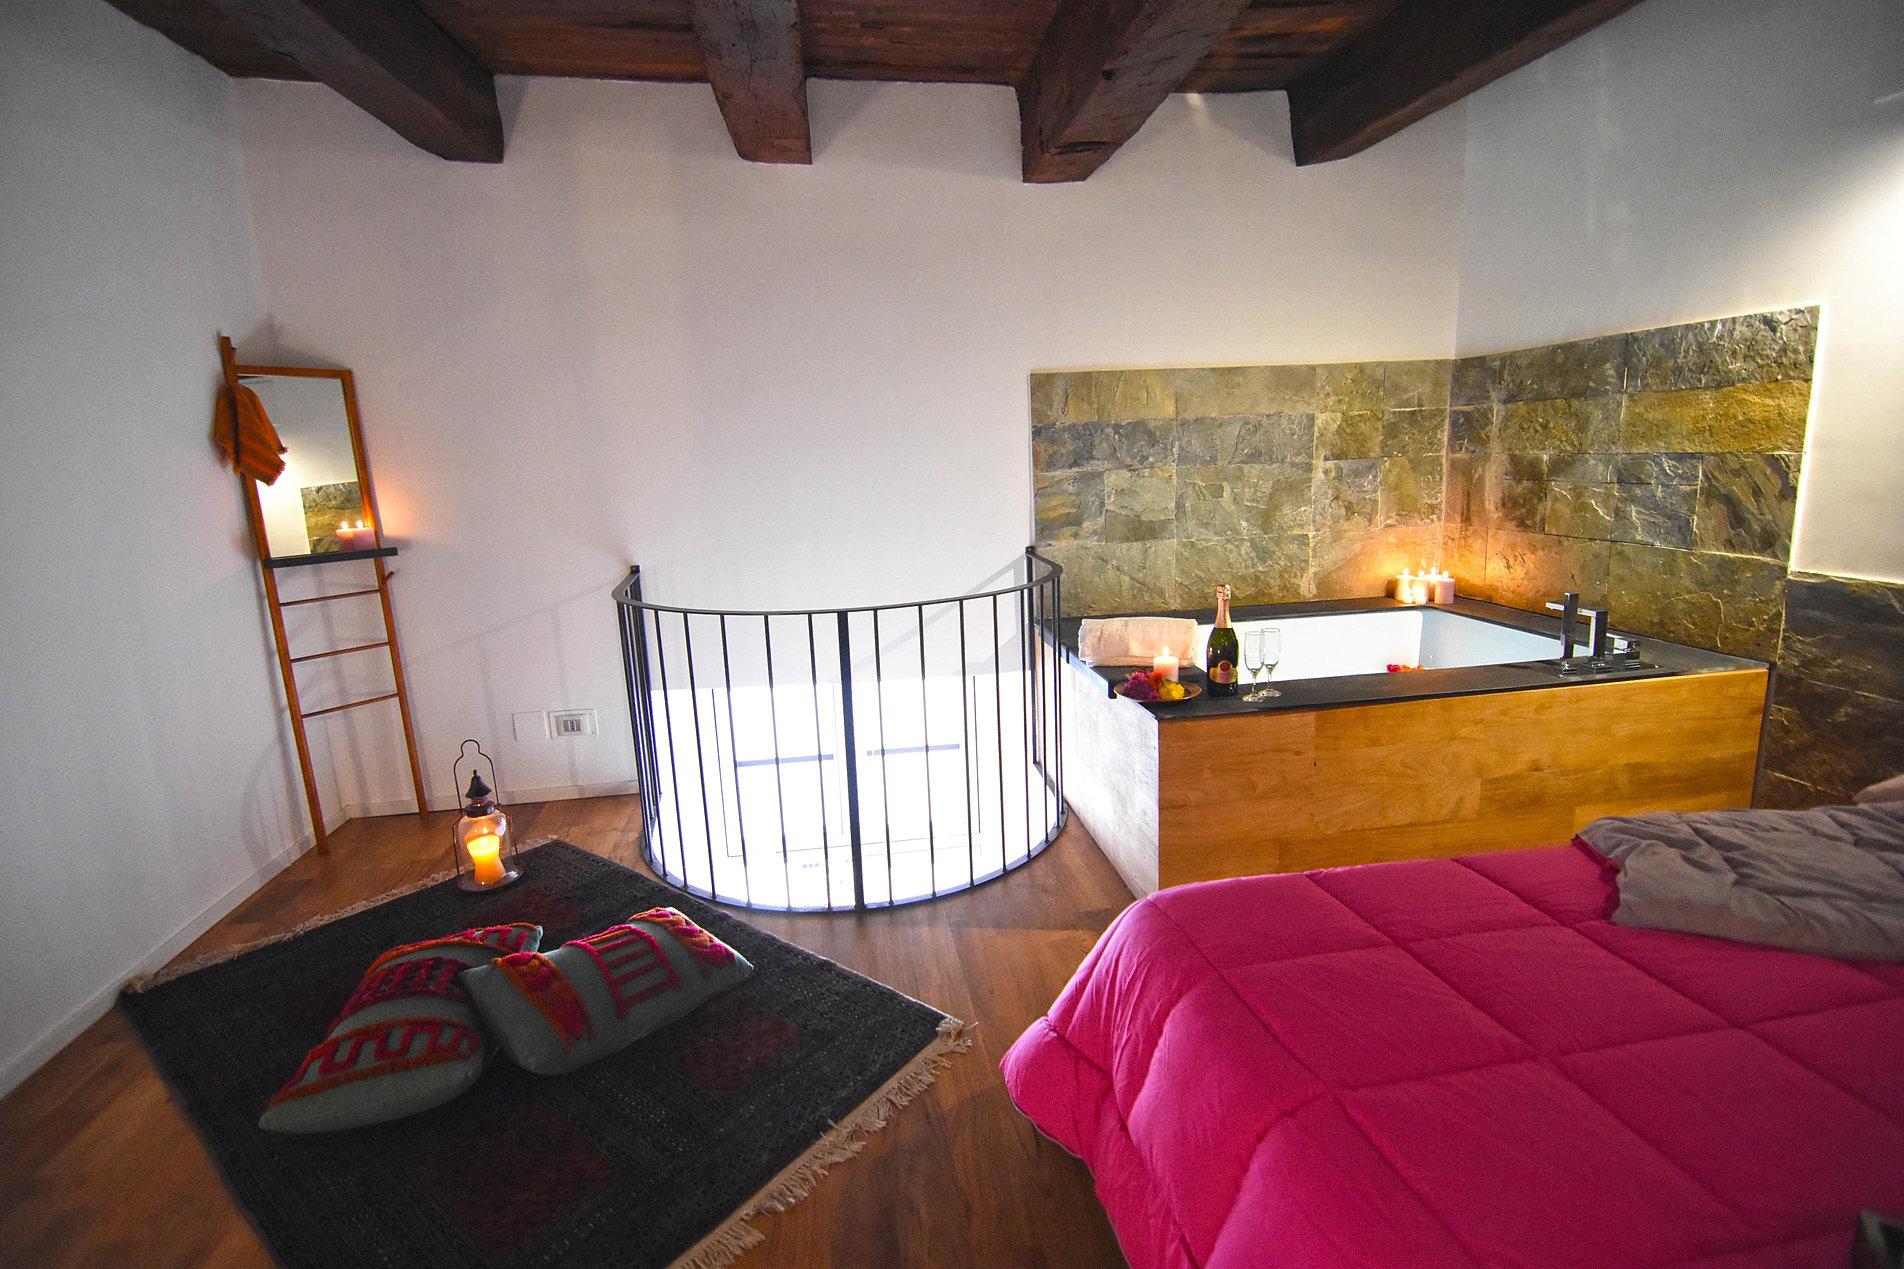 Stanze con jacuzzi cortecapomazza italia for Appartamenti arredati napoli